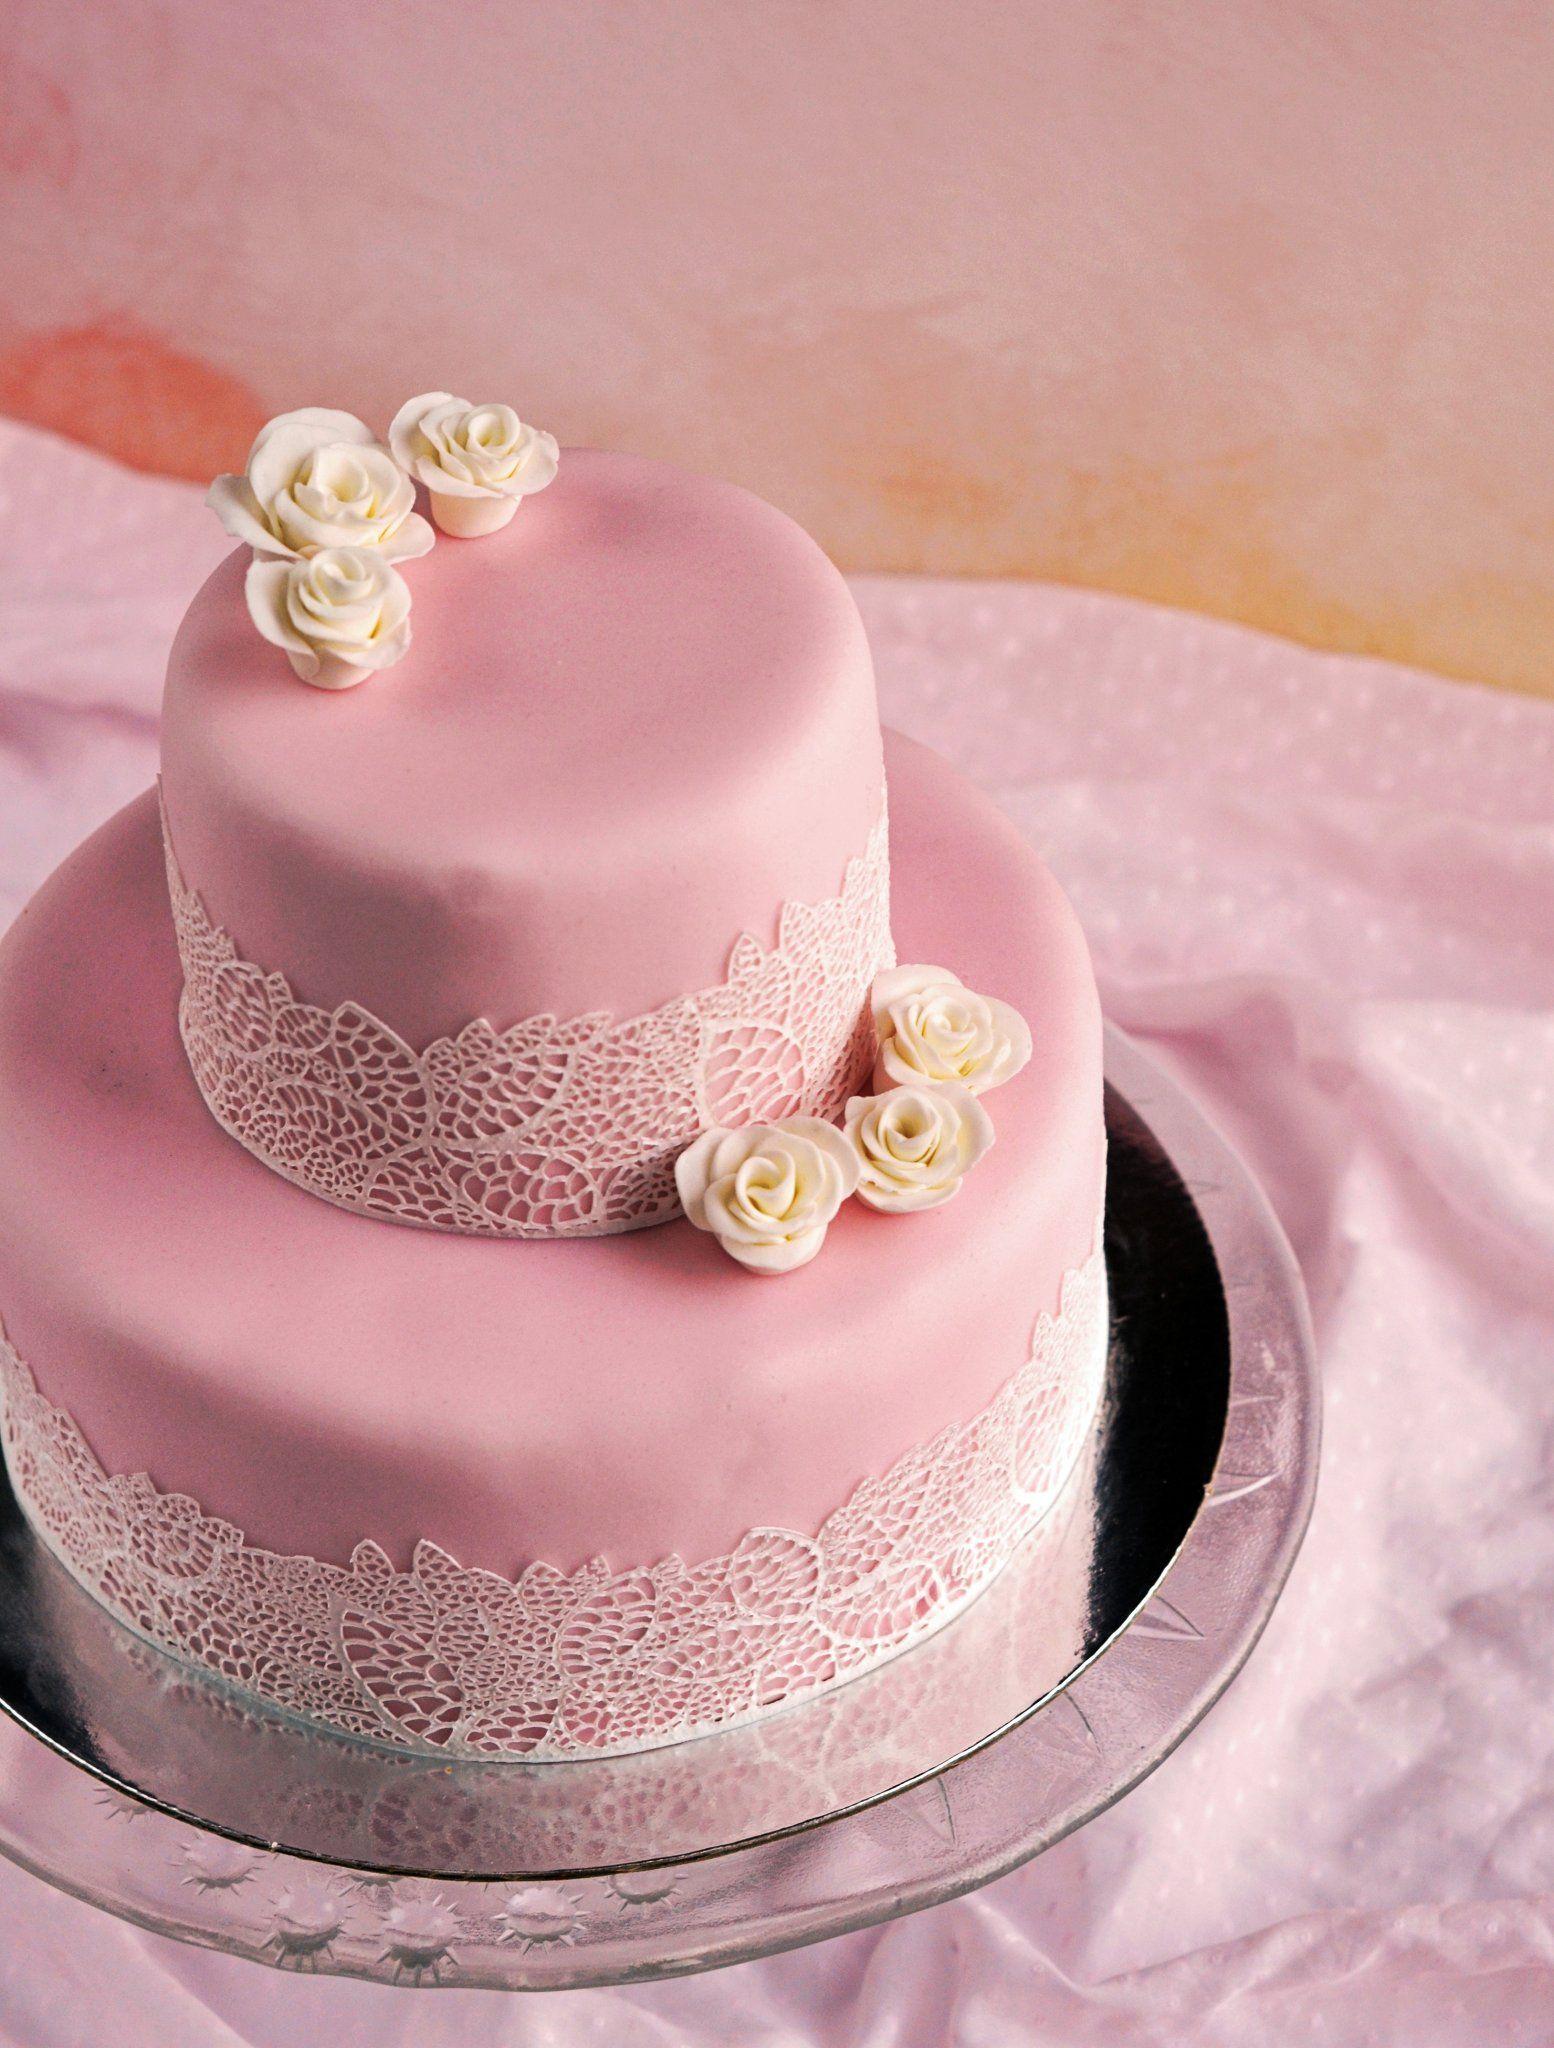 Édes is, csipkés is... Tegyük különlegessé a tortát cukorcsipkével ...